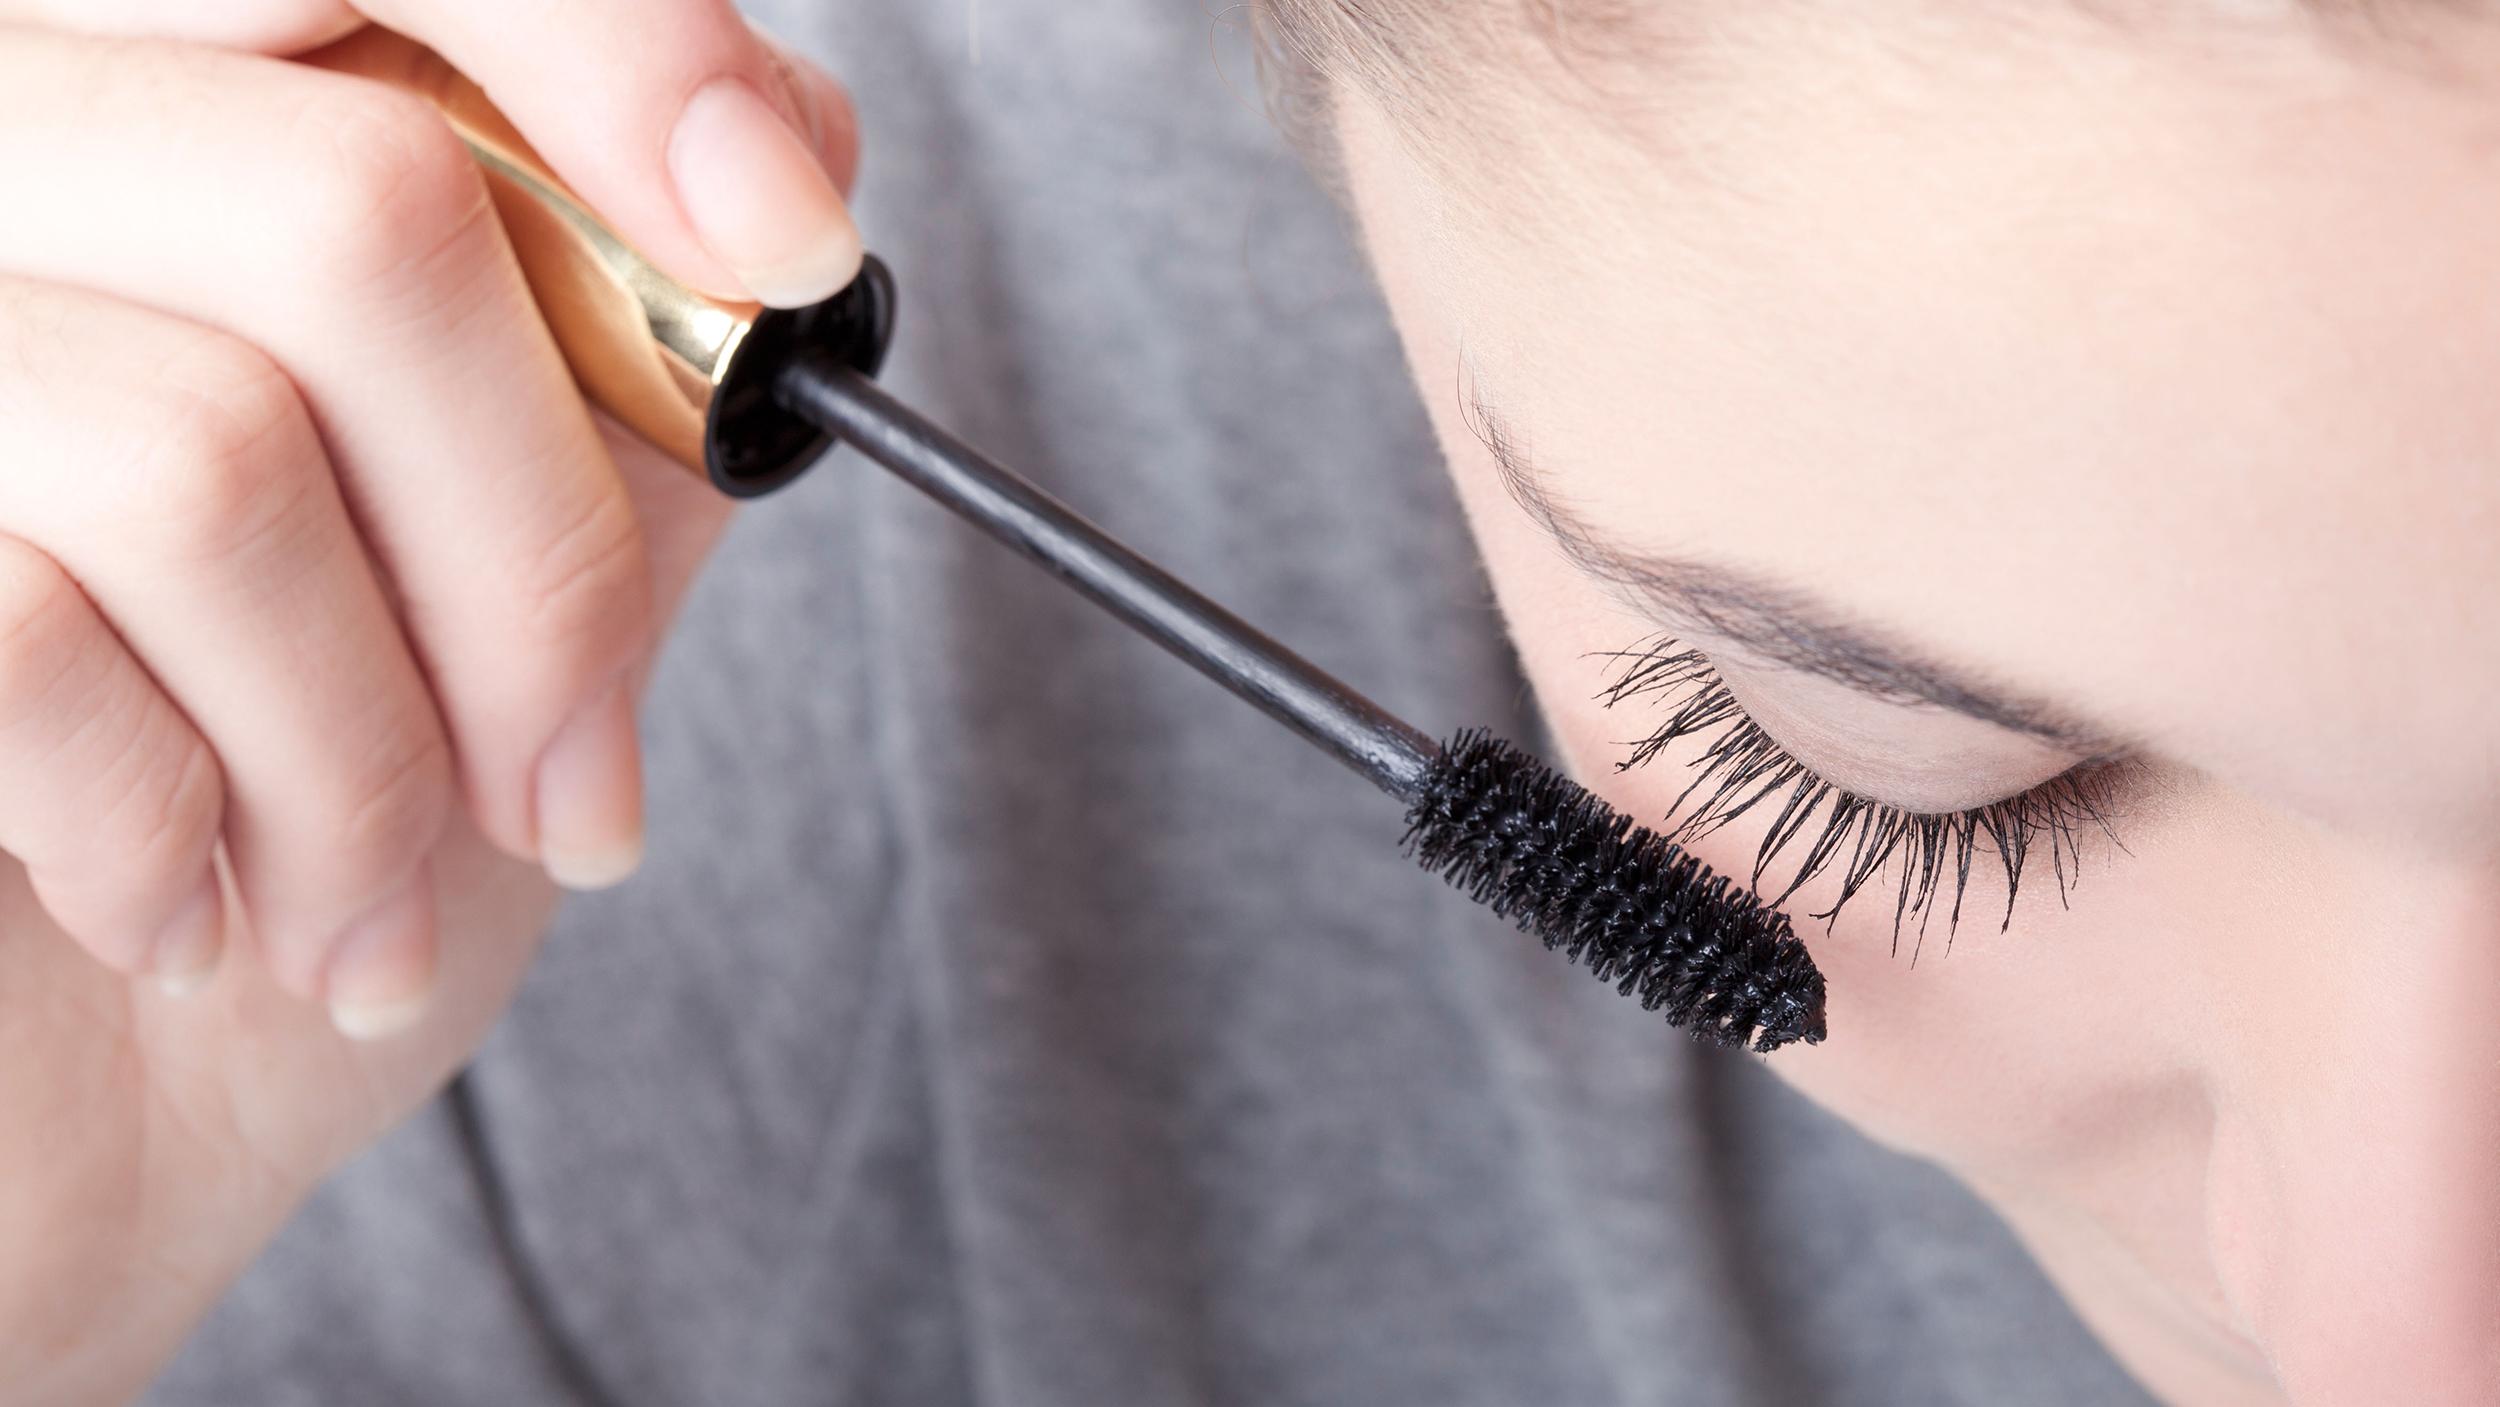 apply-mascara-today-170130-tease_bf79b374806efd5ea260b041a0cbee8d